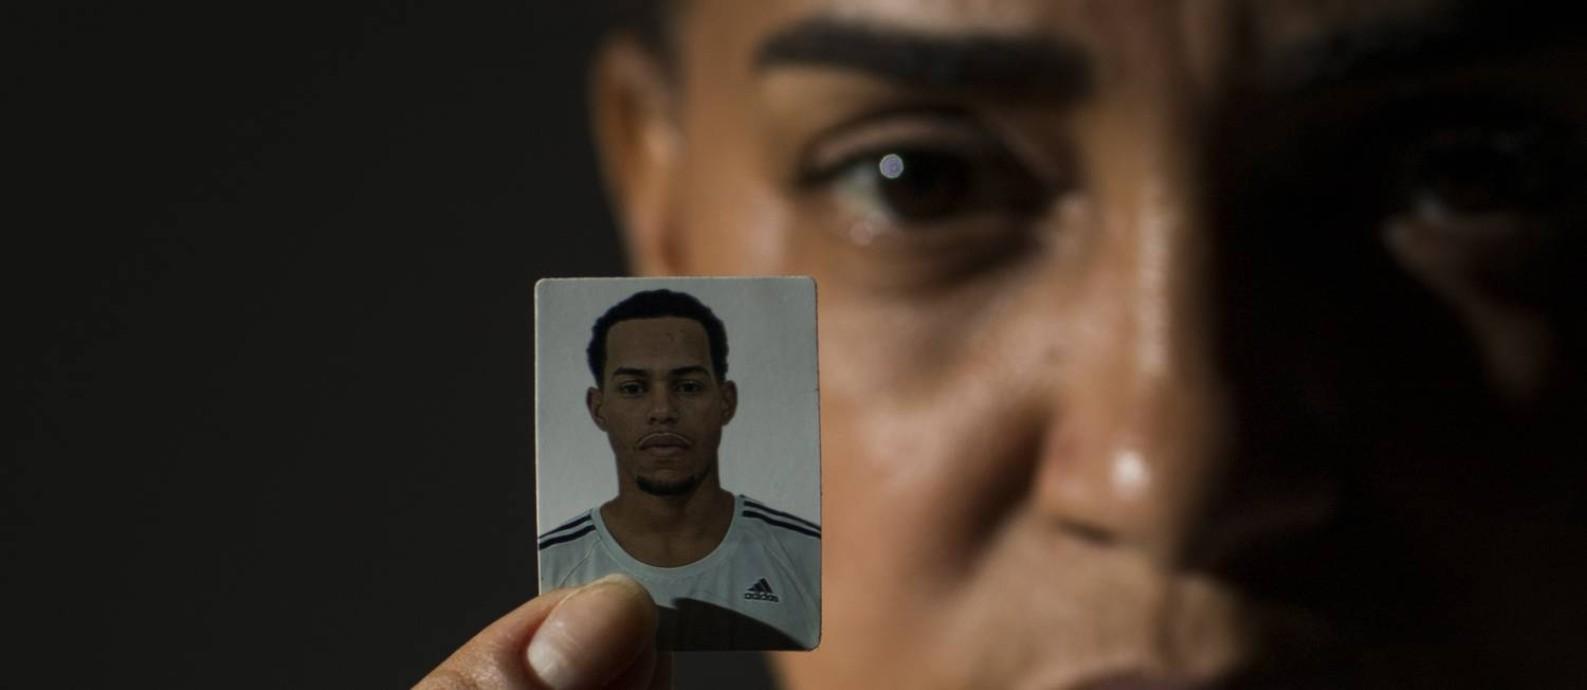 Ana Cláudia Rangel, com a foto do filho Daniel Souza, frentista que se preparava para entrar na faculdade, mas foi morto pela polícia e apresentado como criminoso. Foto: Guito Moreto / Agência O Globo